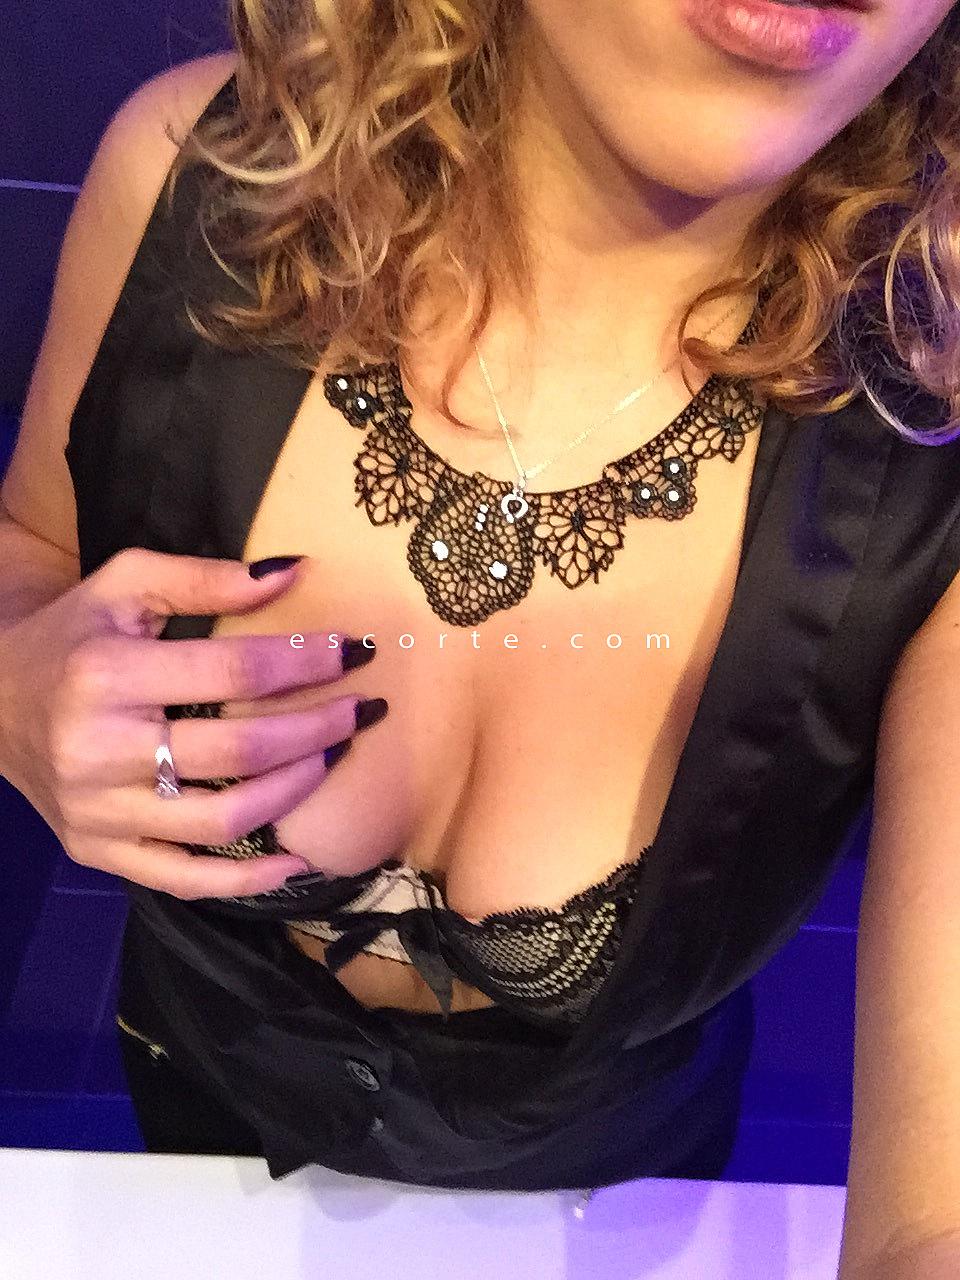 sexe hard français escort girl a caen